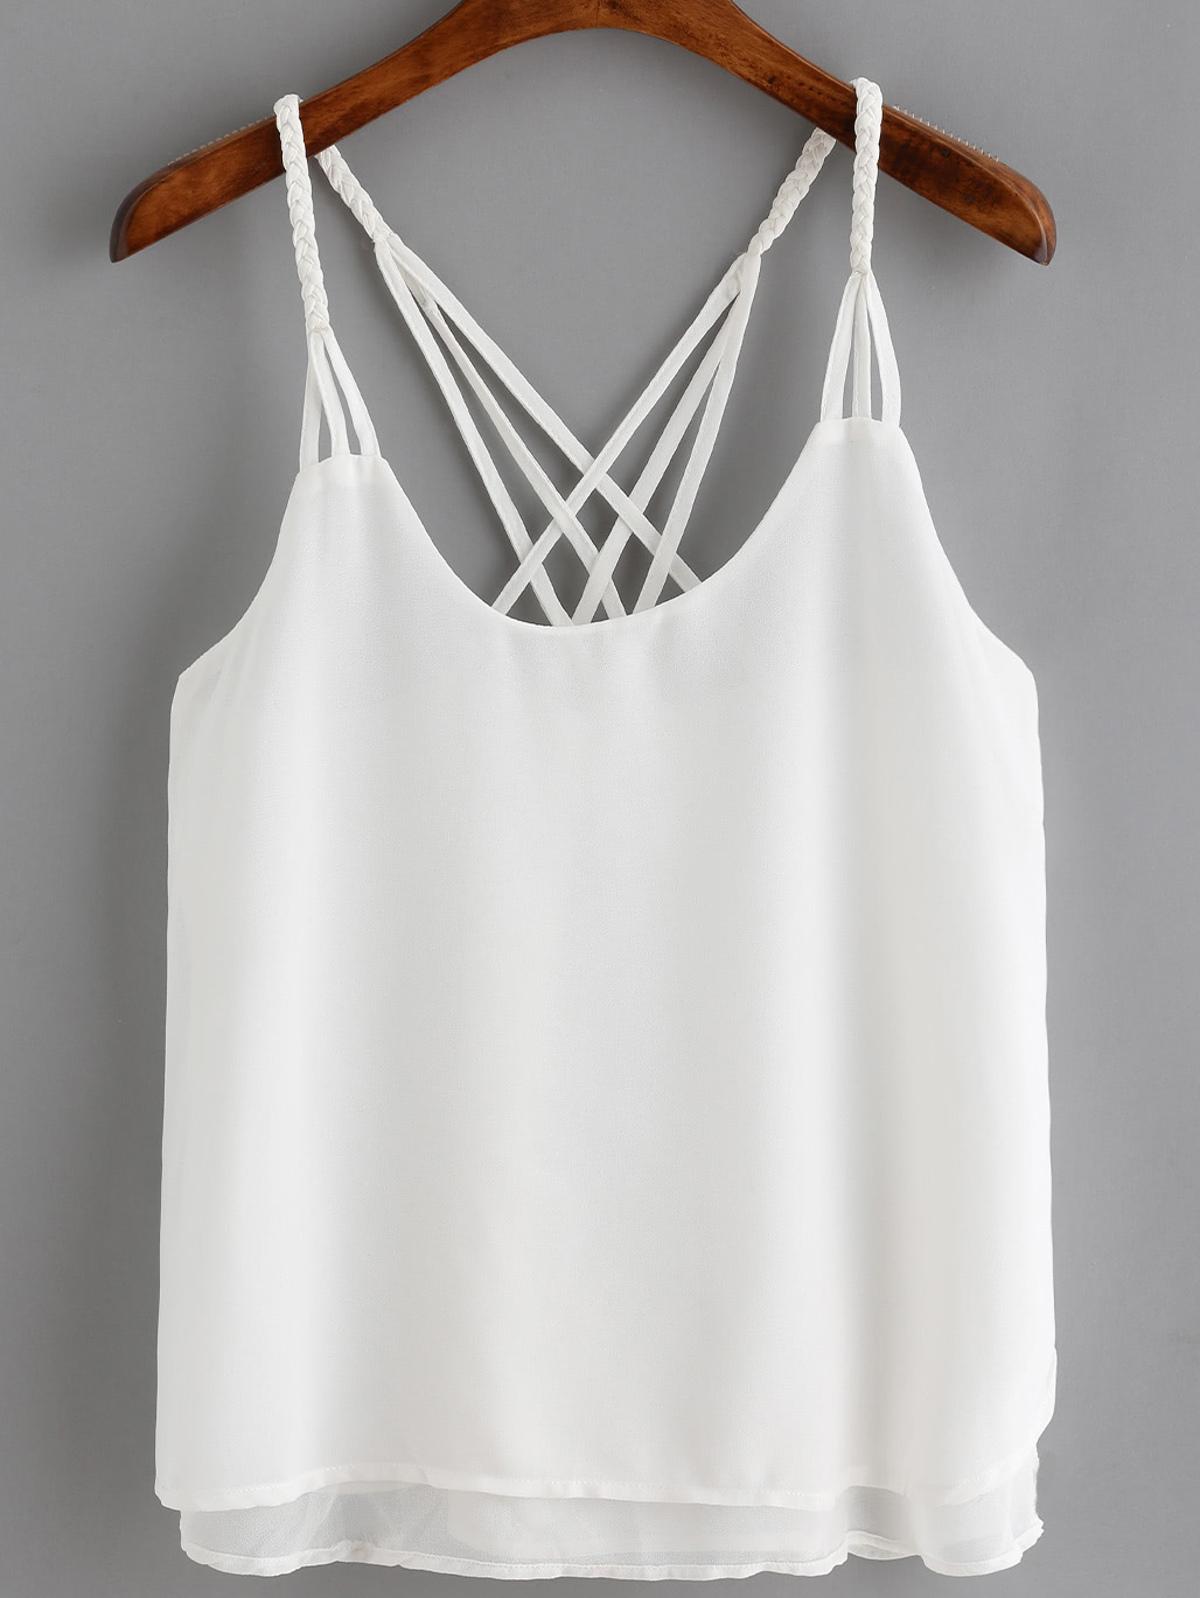 白色 細肩帶 寬鬆 細肩帶背心